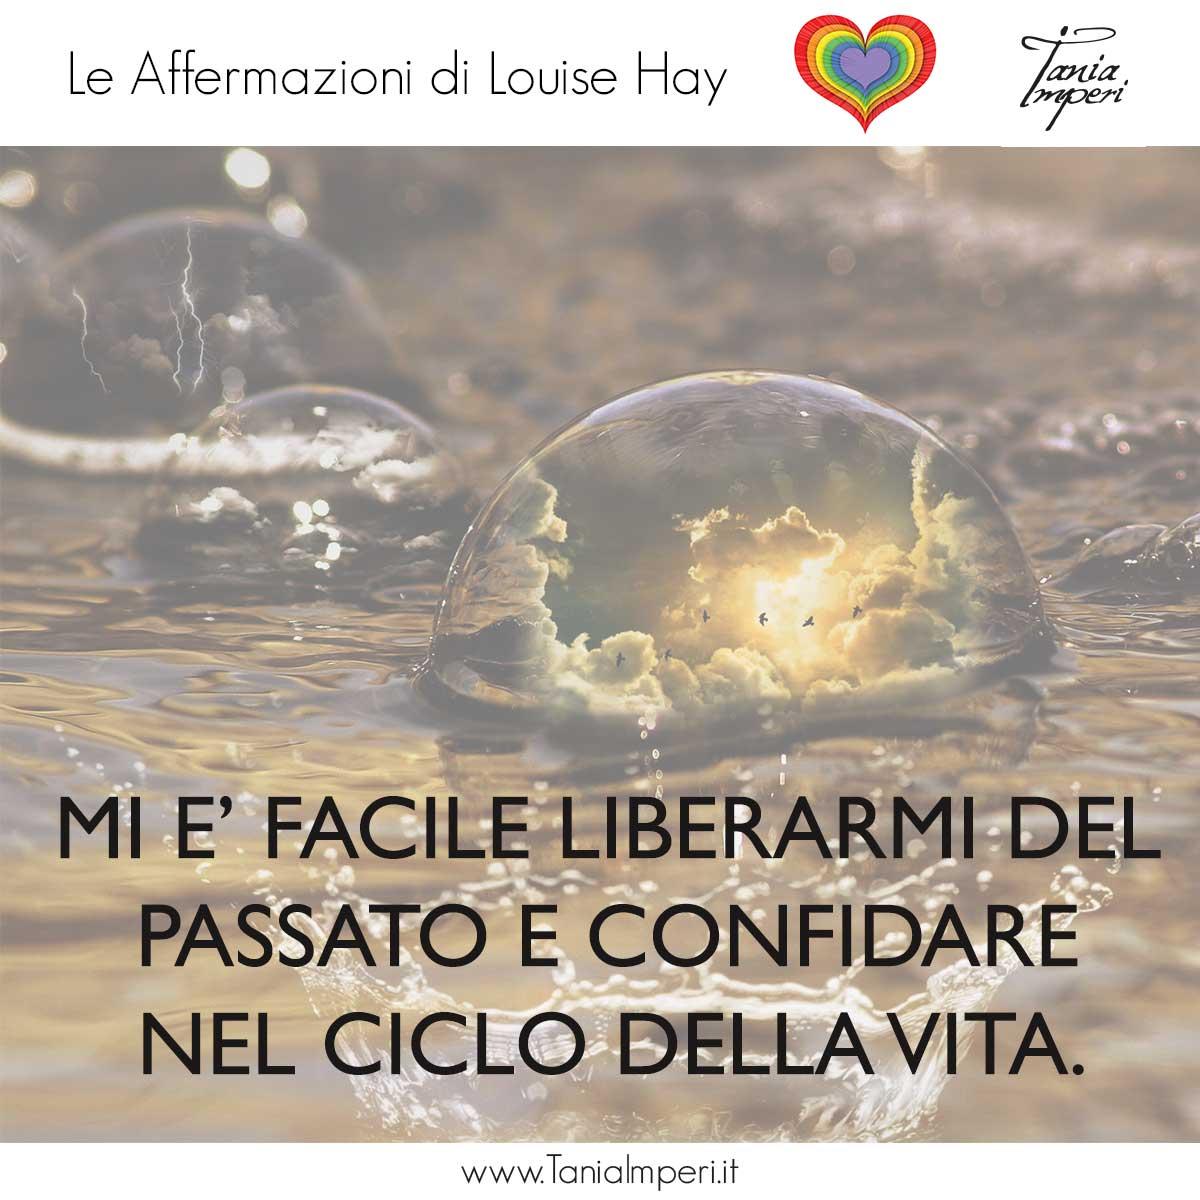 AFFERMAZIONI_LOUISE_HAY_TANIA_IMPERI_05_LIBERARMI_DEL_PASSATO_30GEN2017